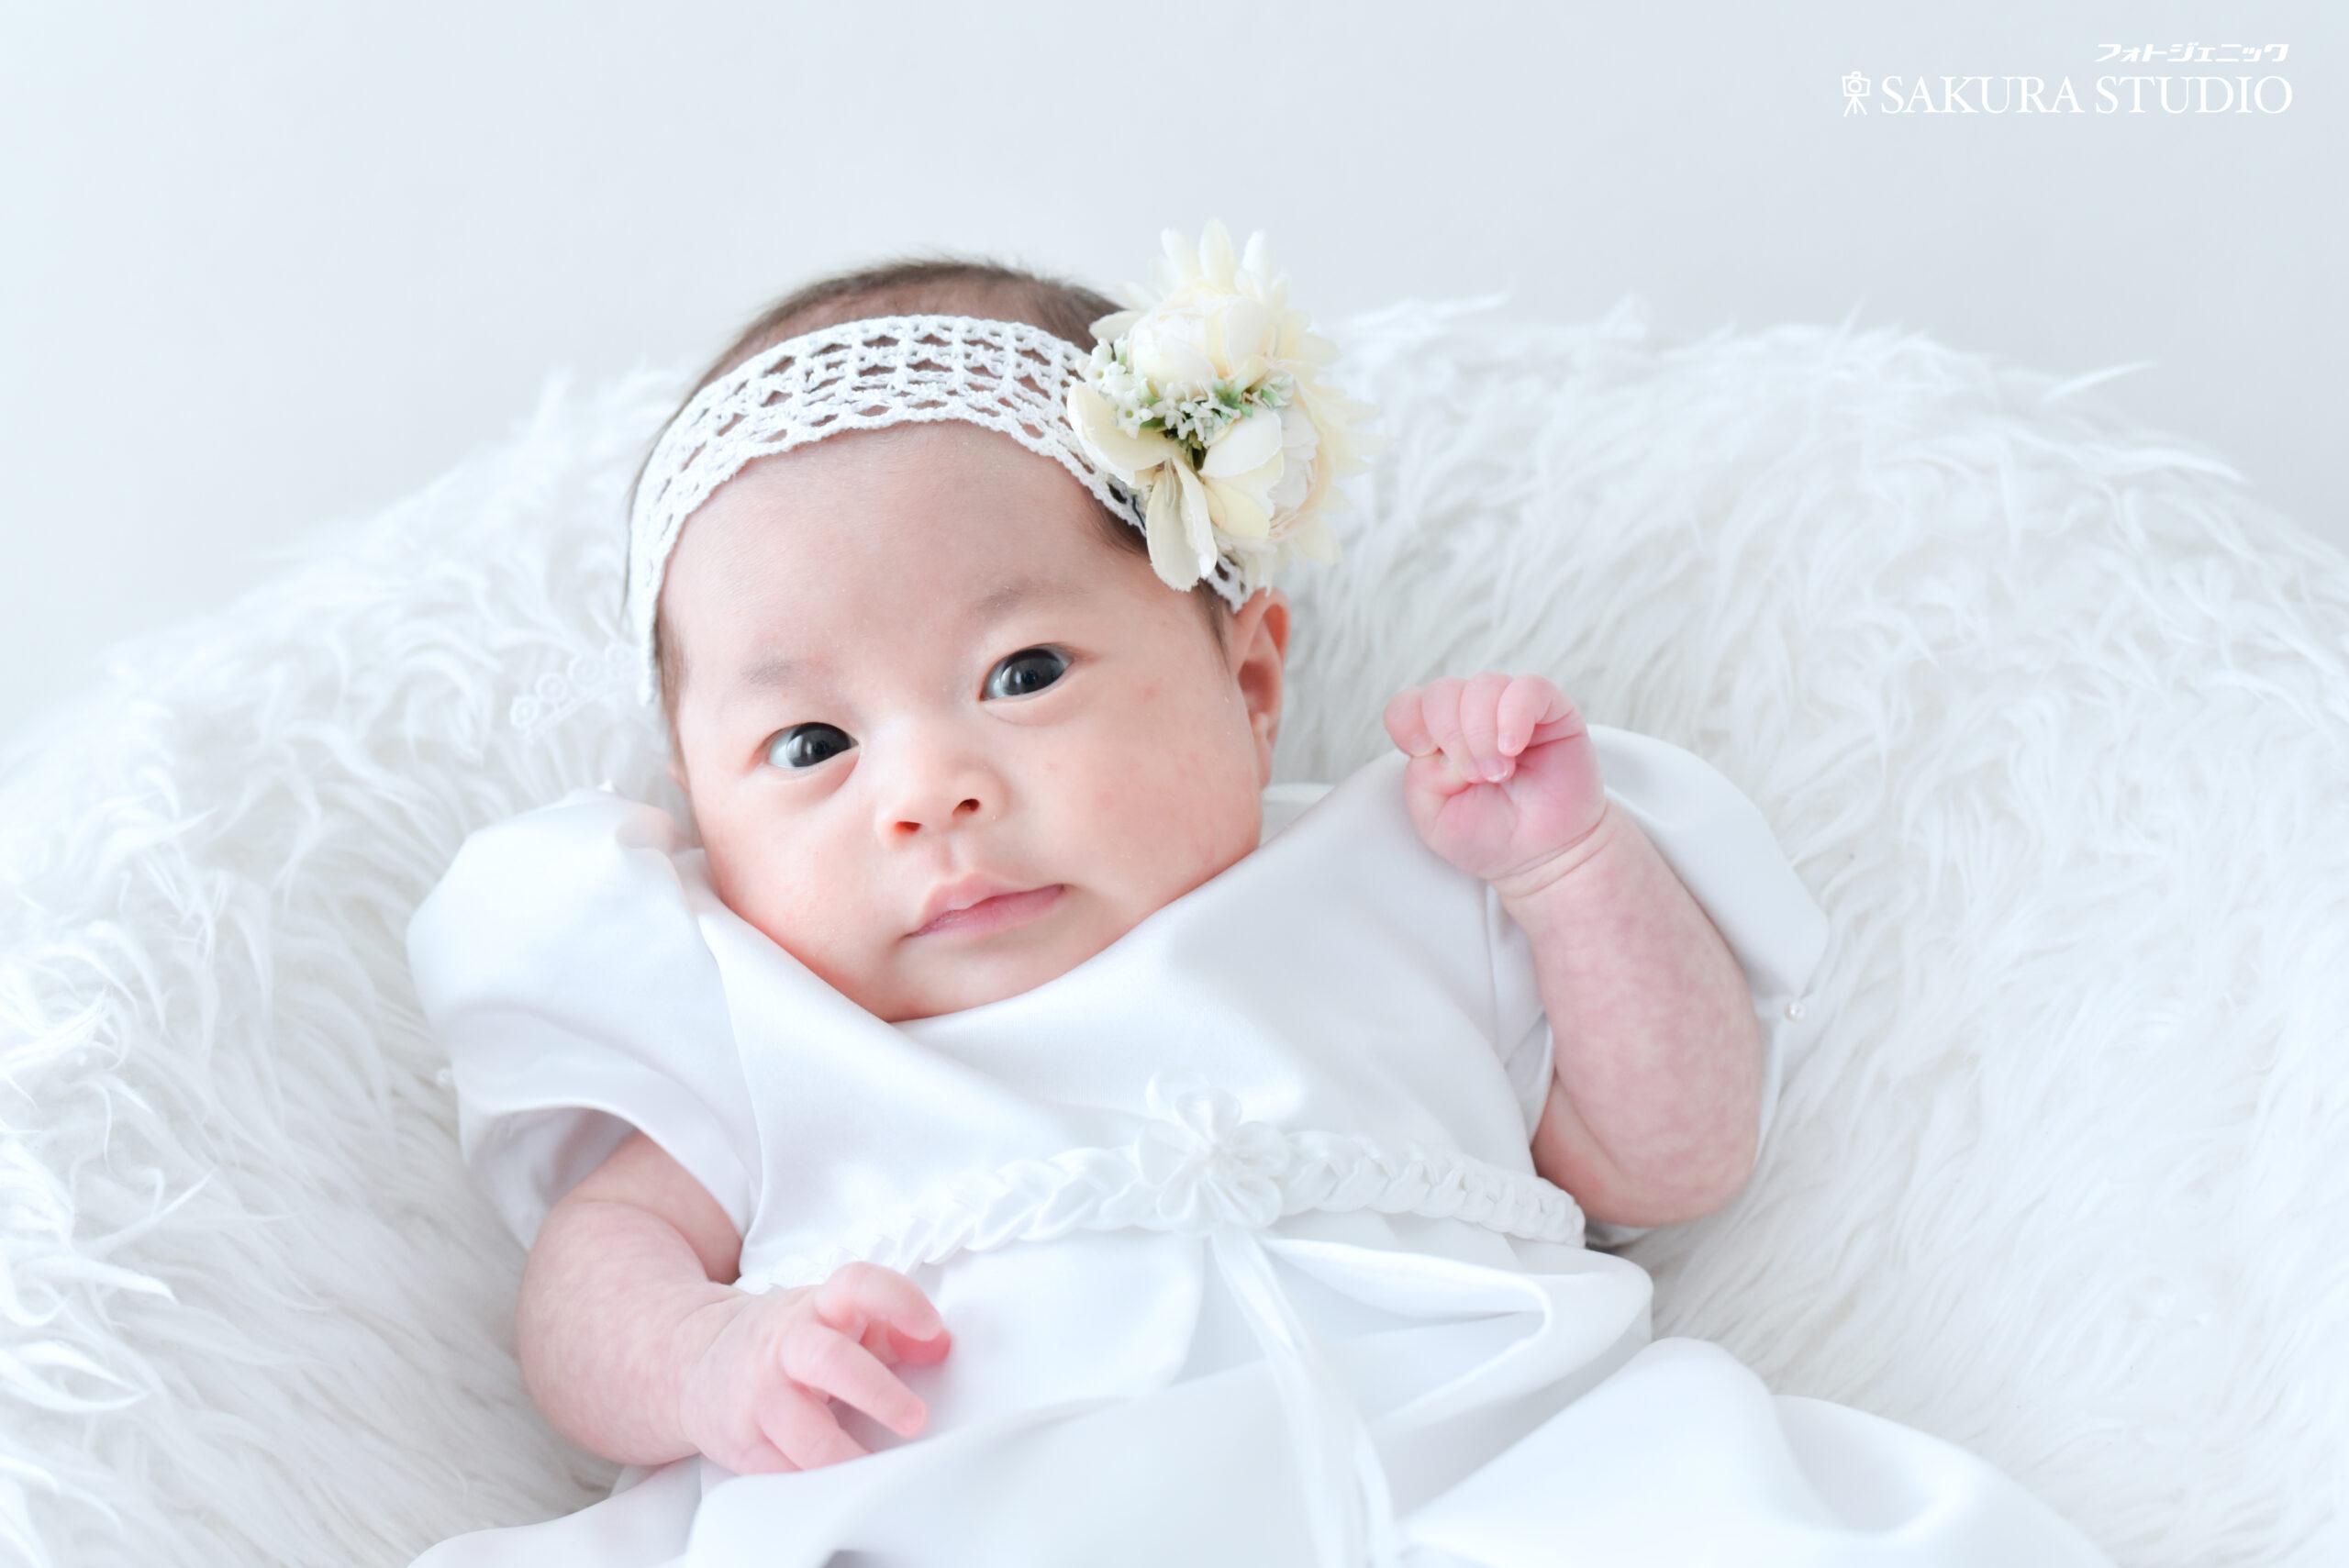 お宮参り 女の子お宮参り 赤ちゃん 産着 ベビードレス 姉妹写真 栃木 宇都宮 フォトスタジオ フォトジェニックサクラスタジオ